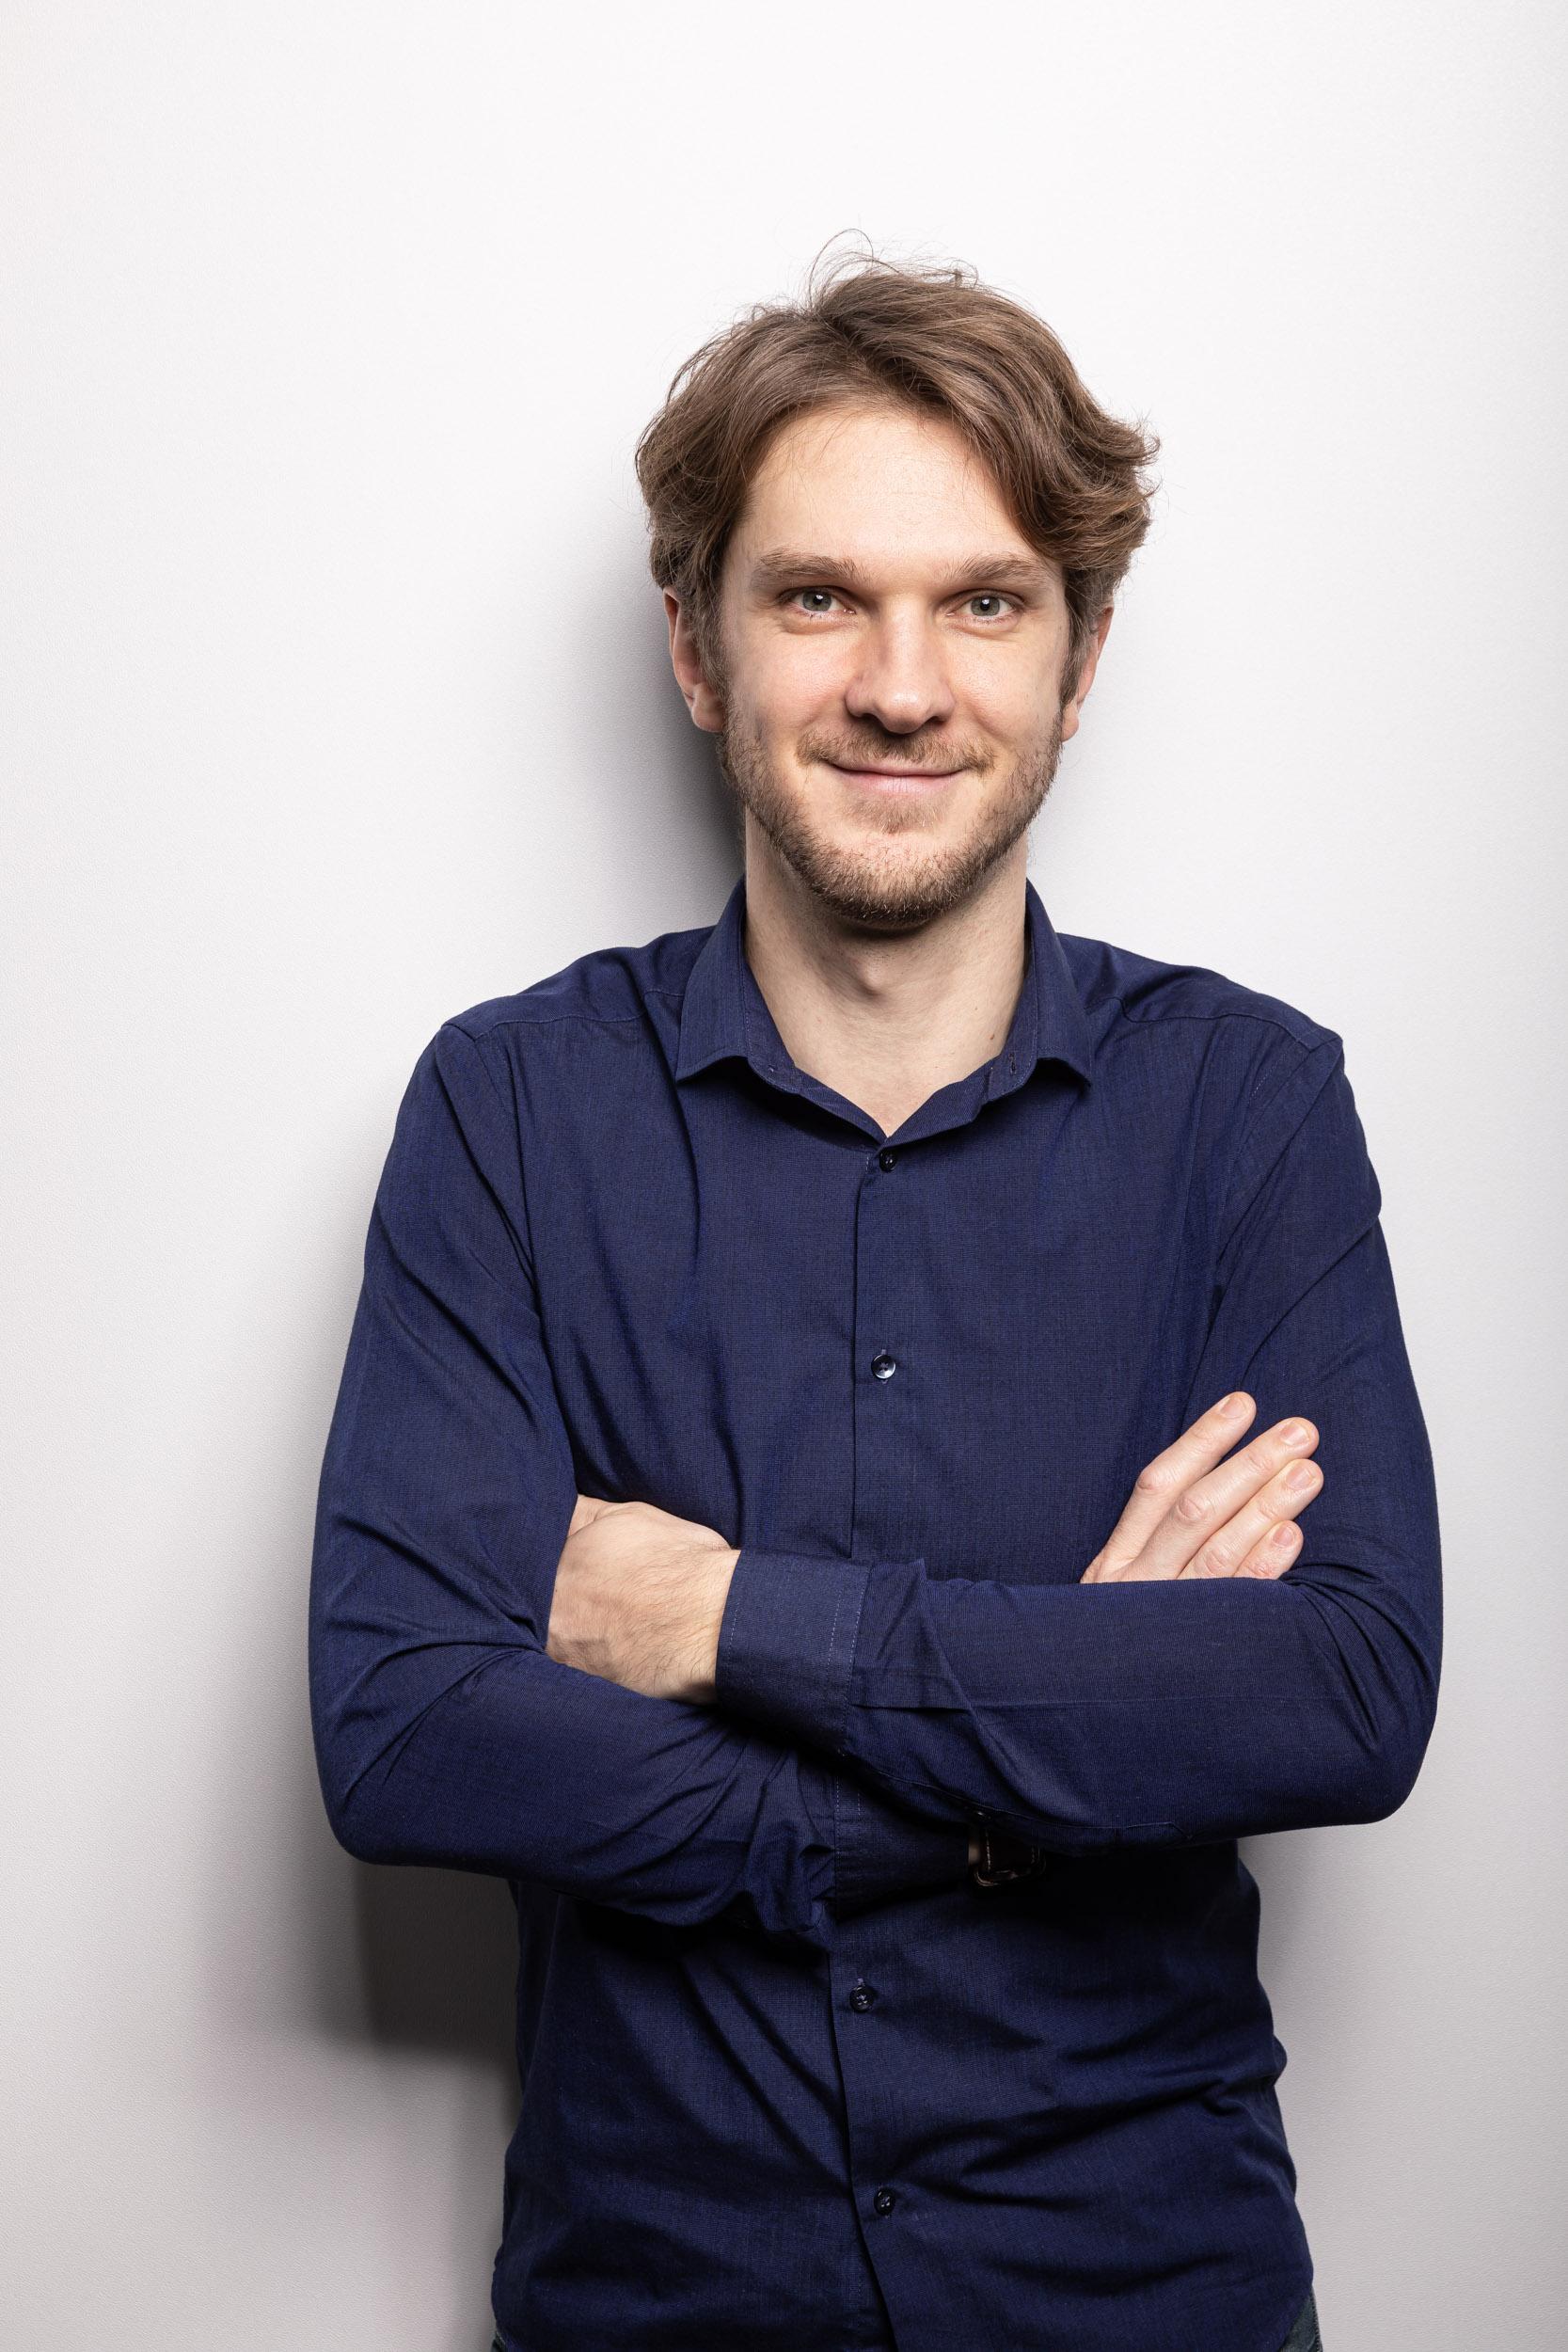 Guillaume Freund